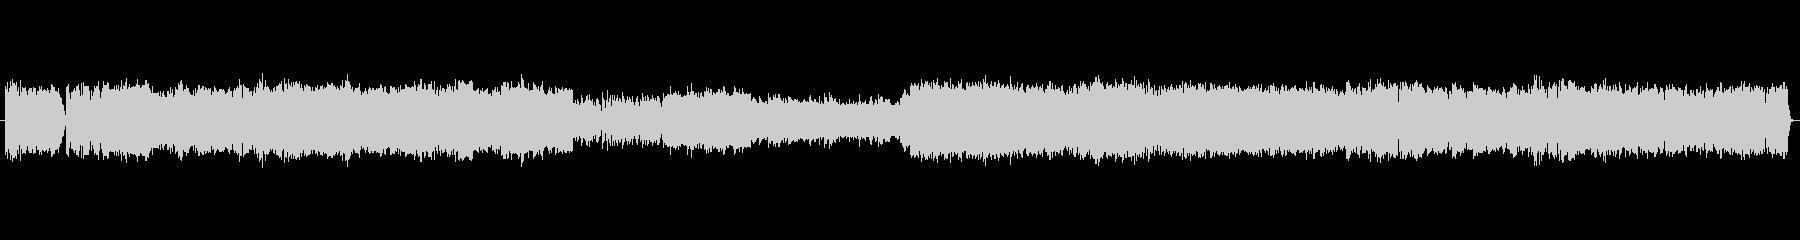 八分の六拍子ピアノとオーケストラ曲です…の未再生の波形